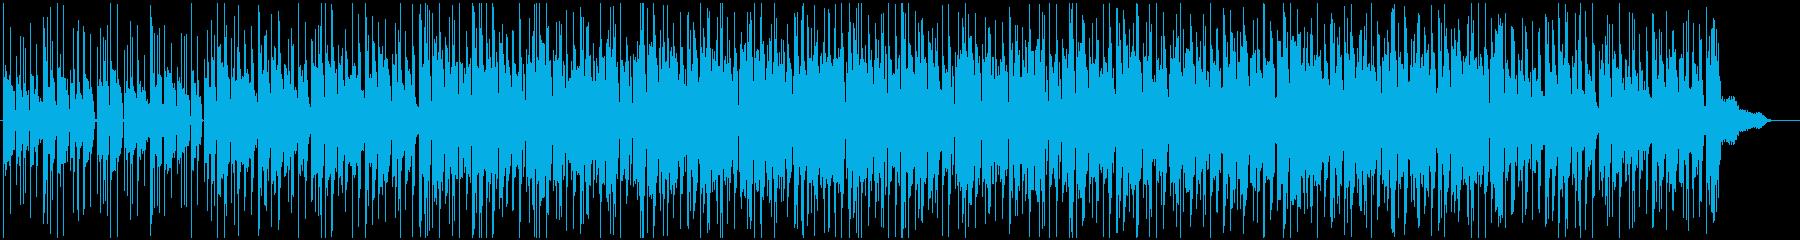 アナログな雰囲気のチルアウト風ポップスの再生済みの波形